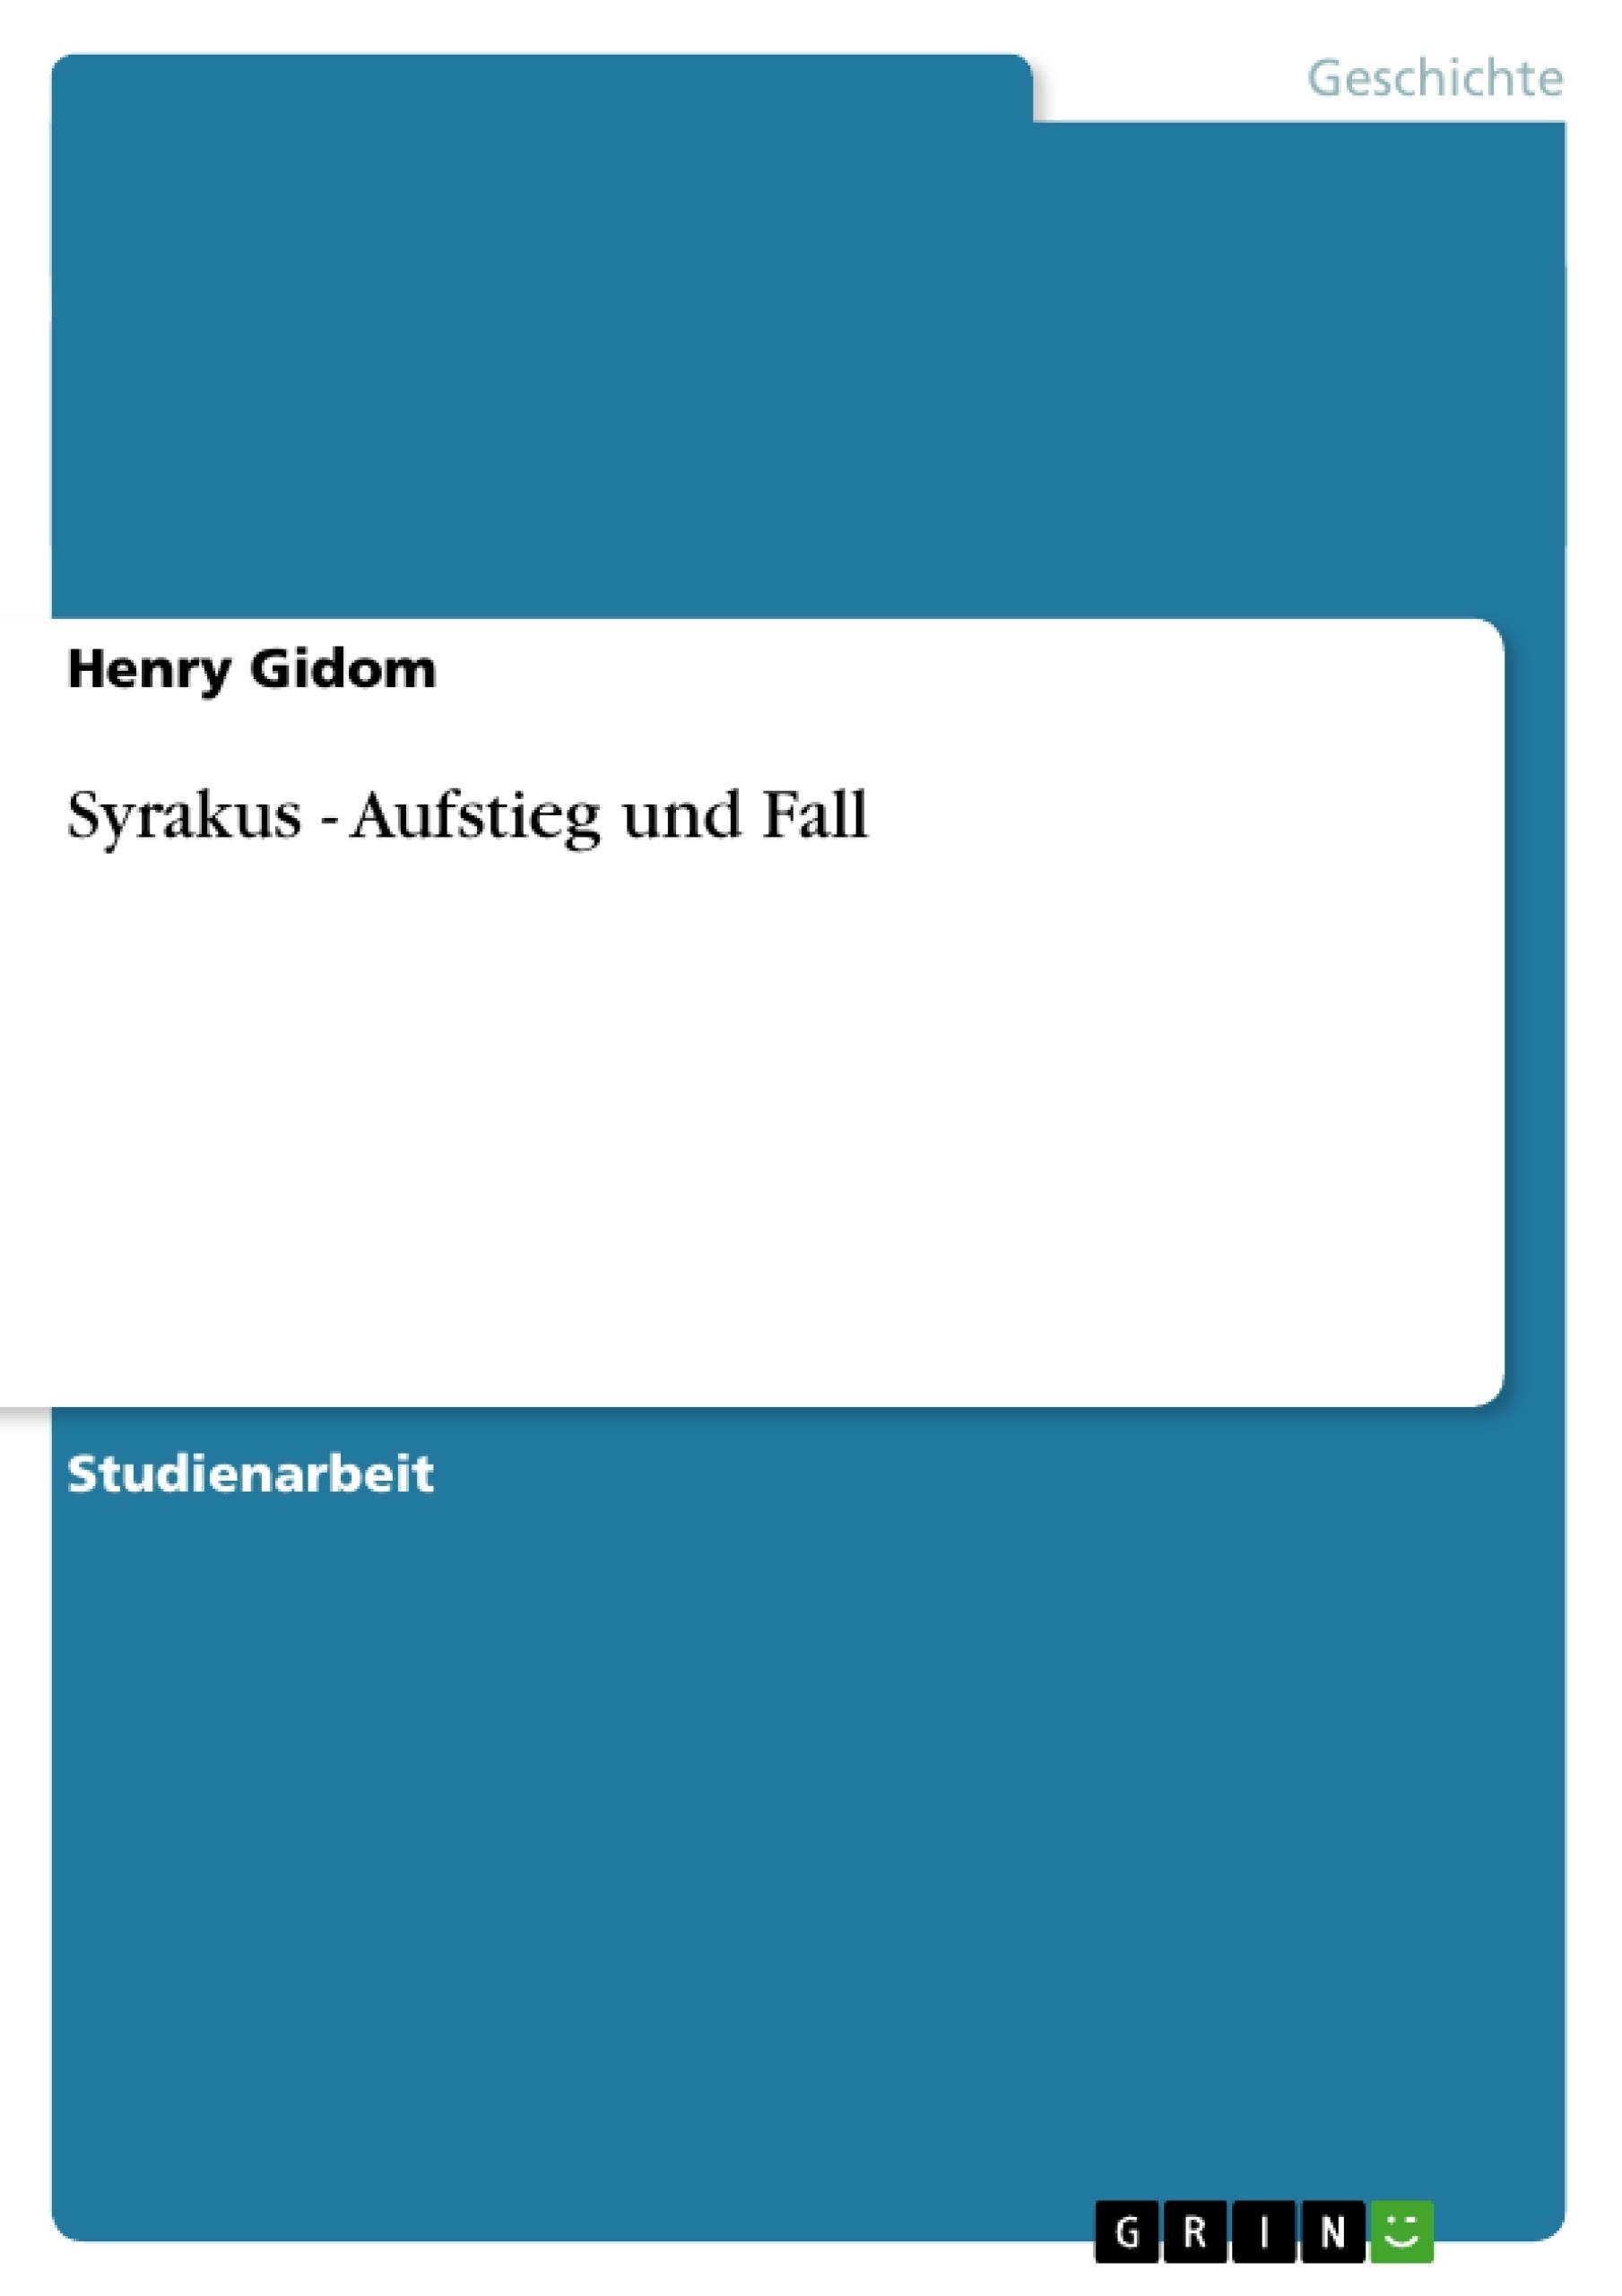 Titel: Syrakus - Aufstieg und Fall